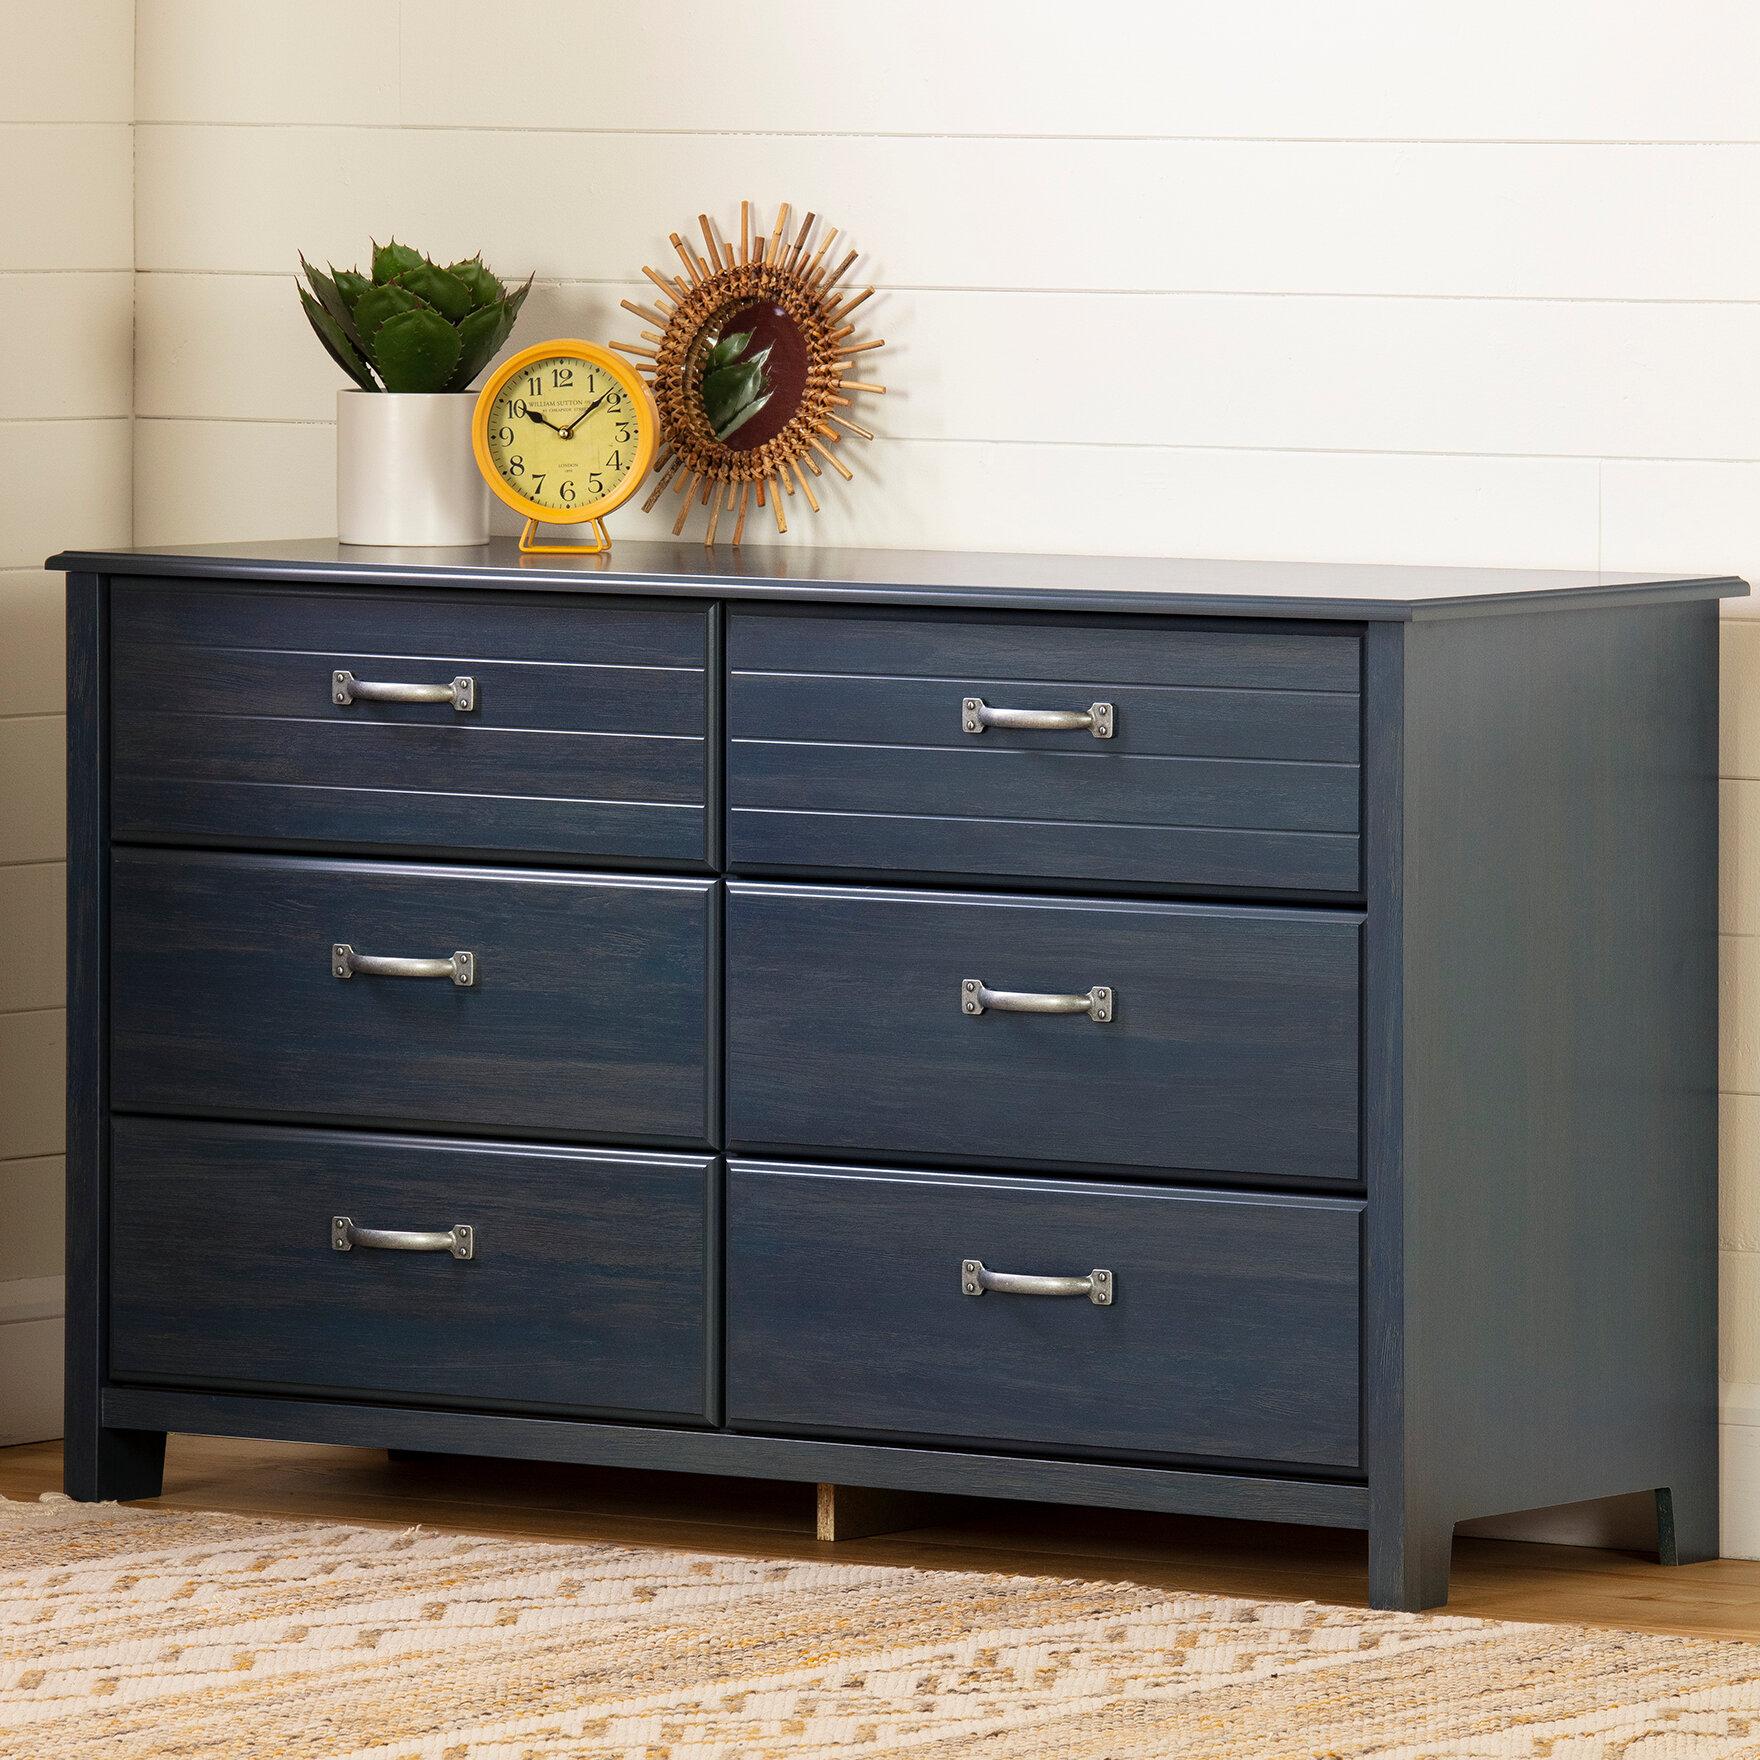 Asten 6 Drawer Double Dresser